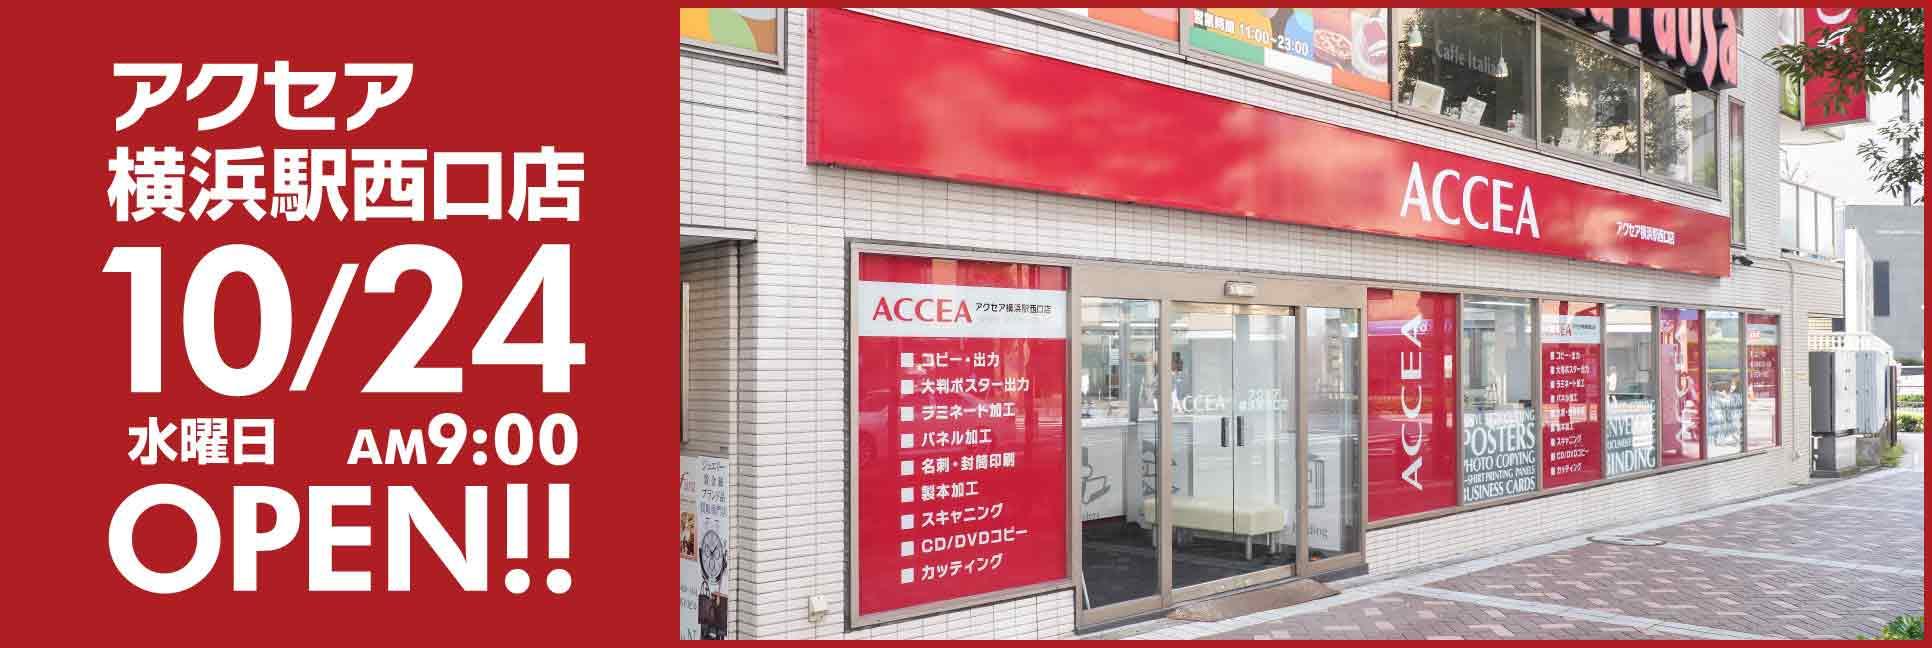 アクセア 横浜駅西口前店オープン